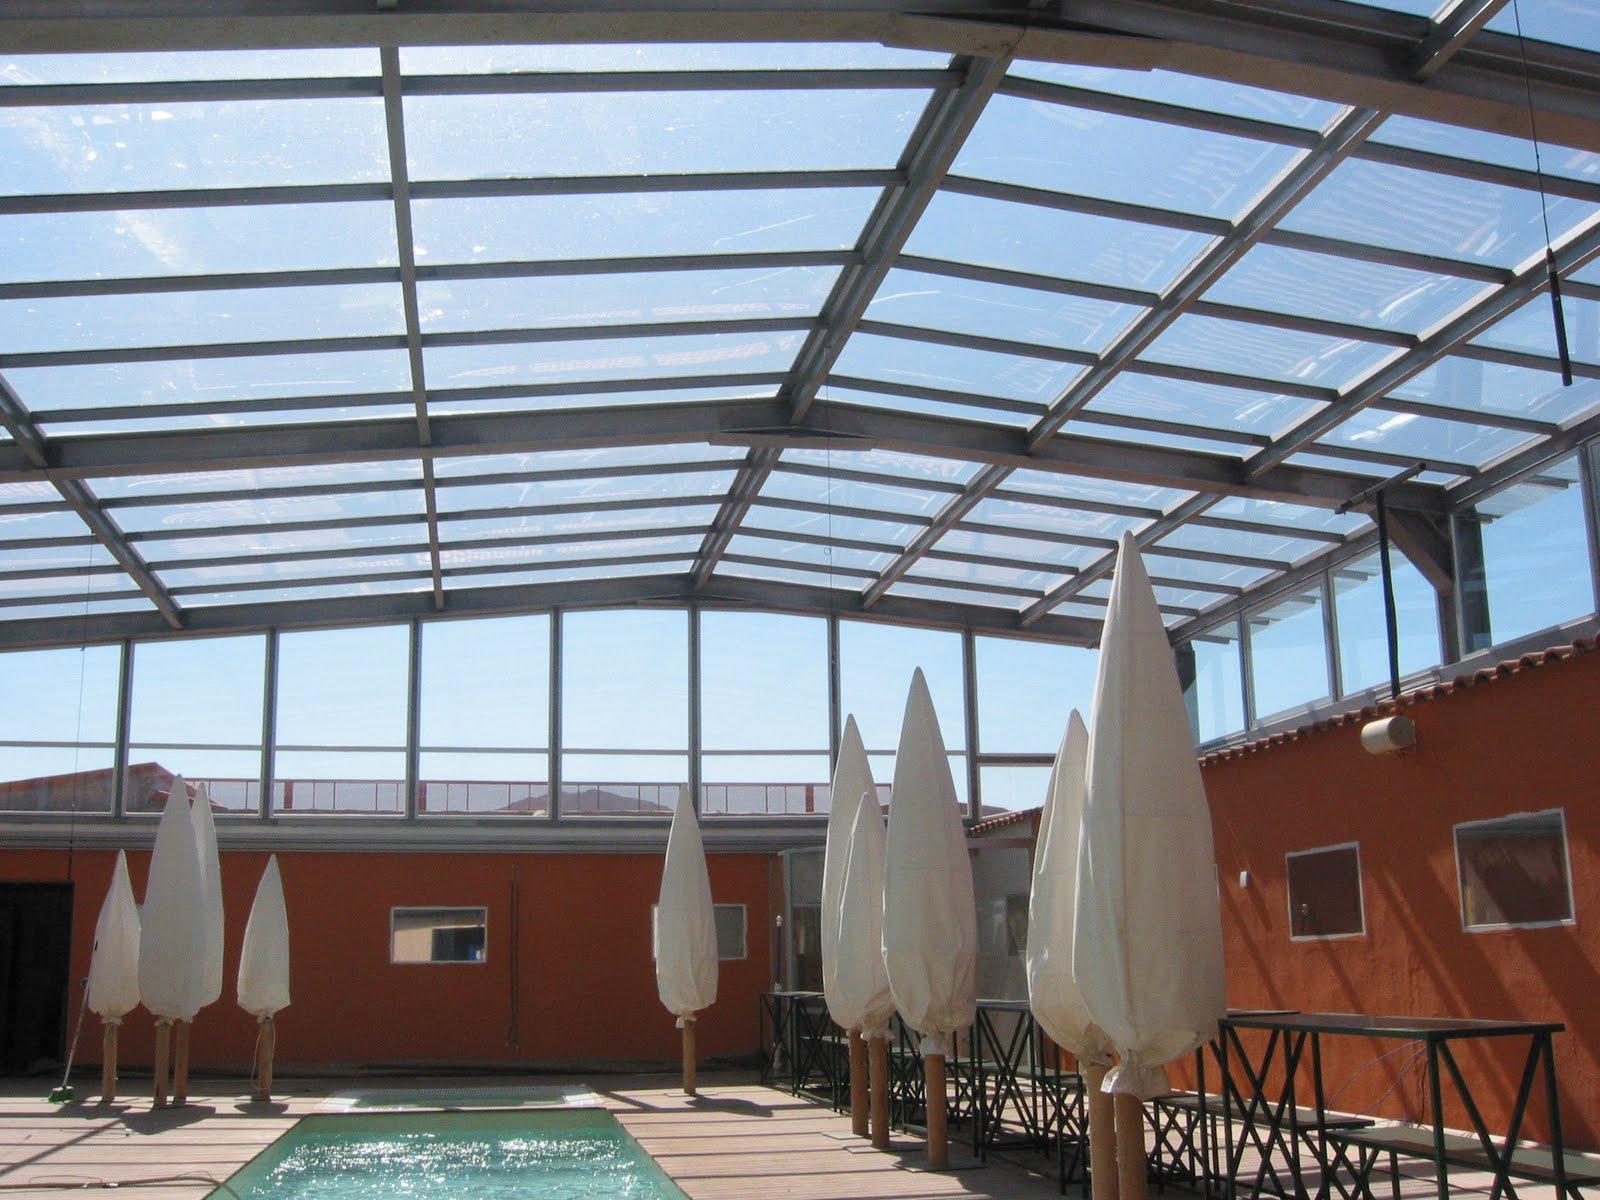 Tejados de policarbonato y tejados de cristal reparar tejado en madrid - Techos ligeros para casas ...